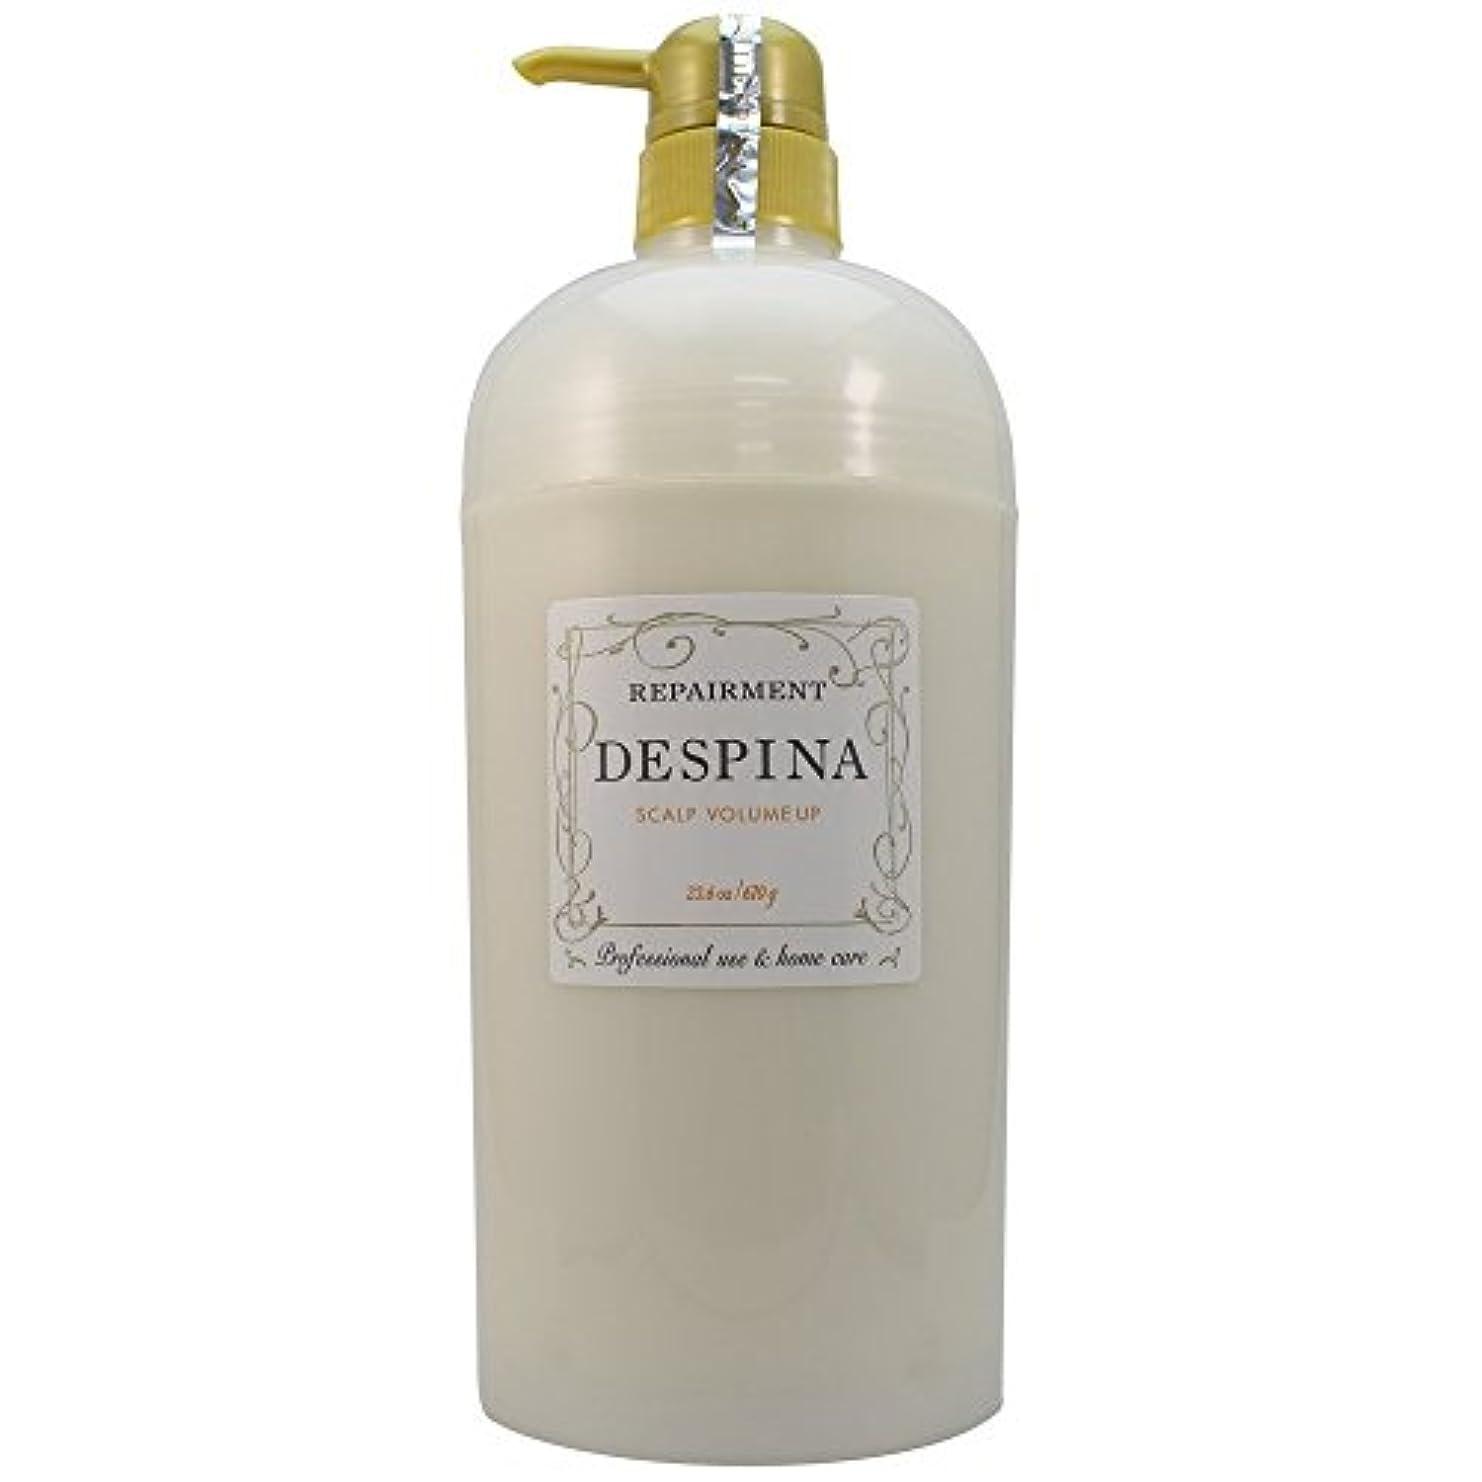 ポットエージェント温帯中野製薬 デスピナ リペアメント スキャルプ ボリュームアップ 670g